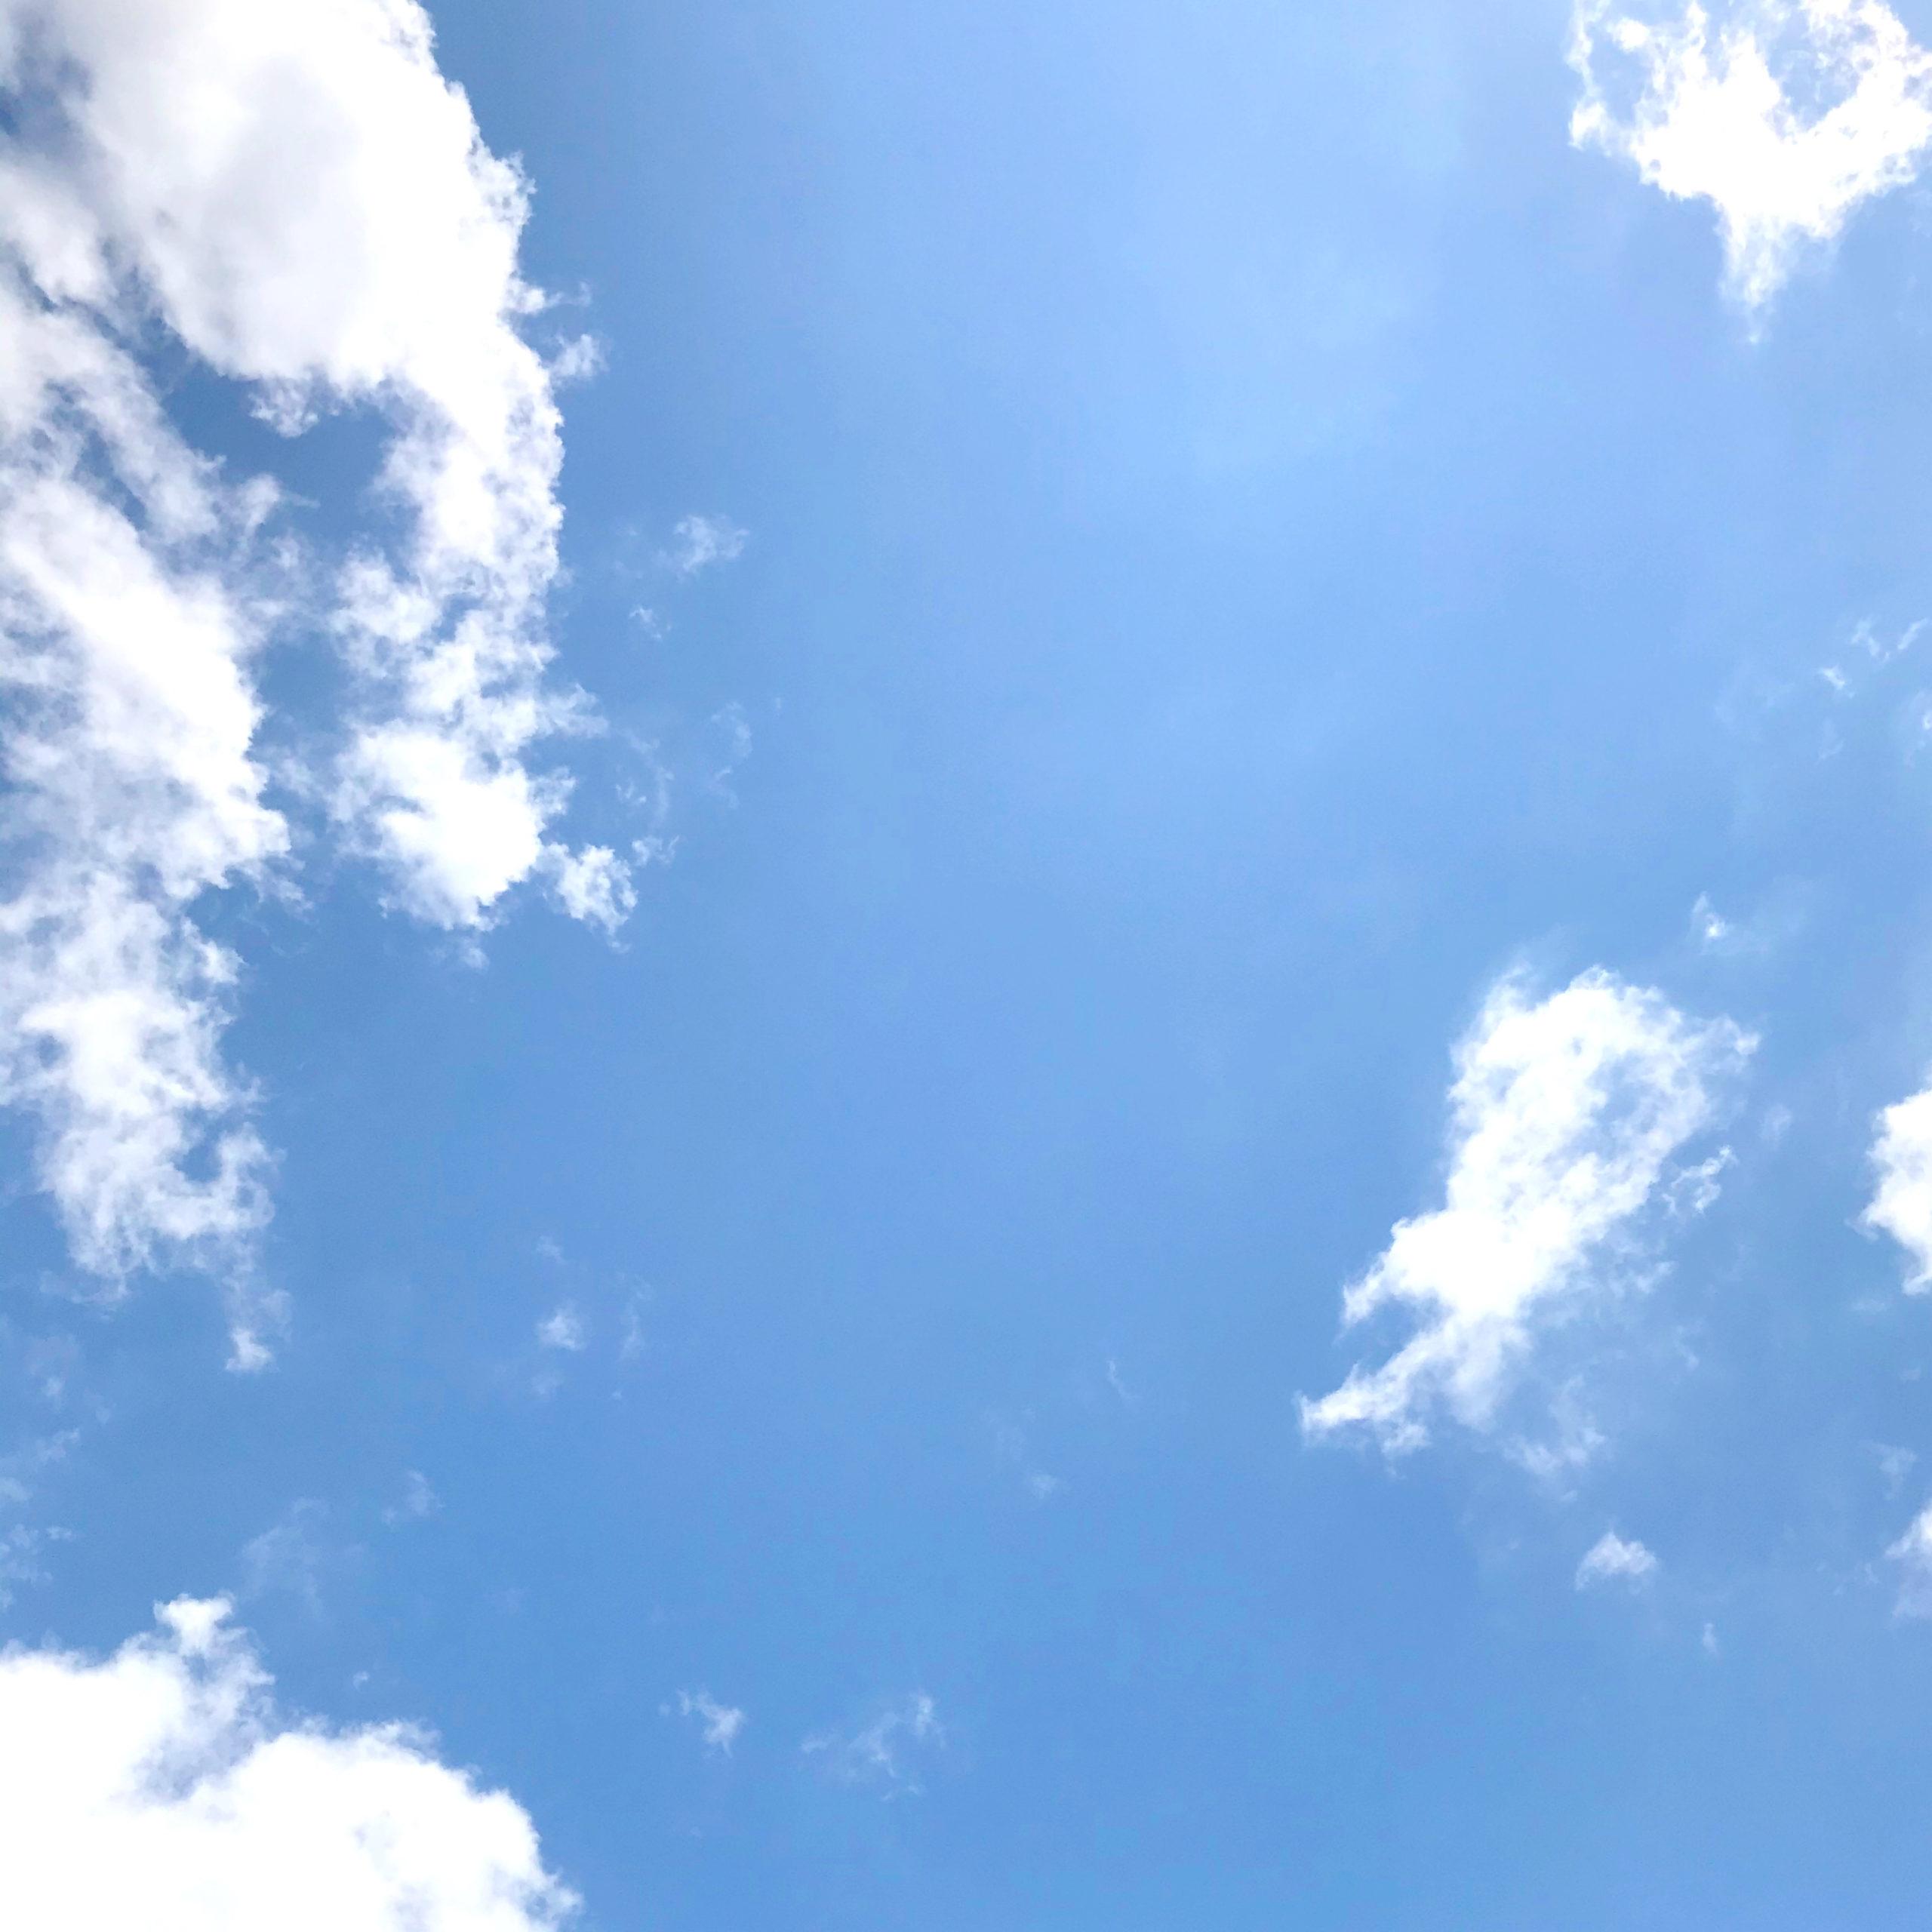 空は穏やかなのに・・・